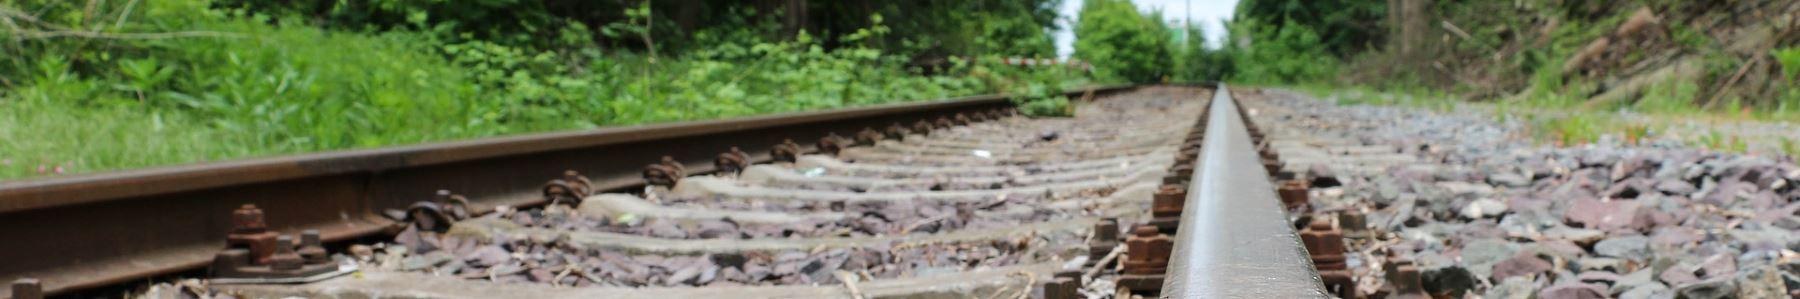 Gare - Trenitalia spa